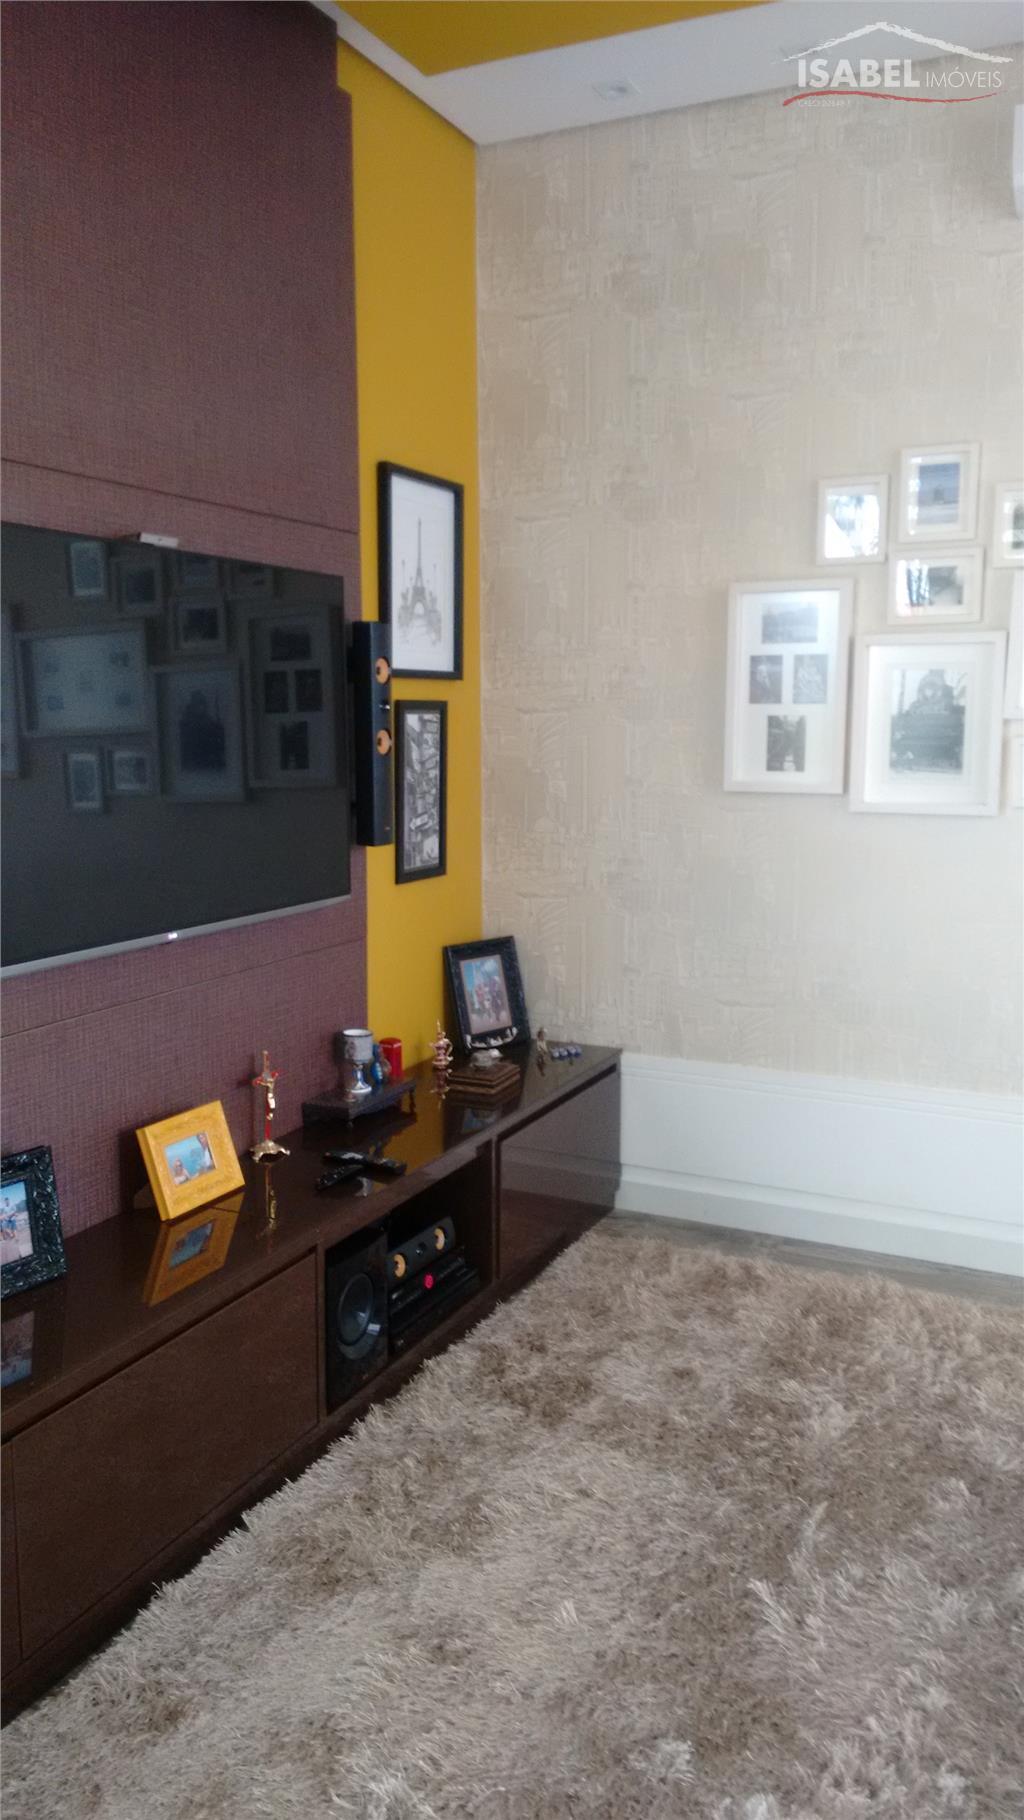 térreo- sala para 3 ambientes, cozinha, lavabo, espaço gourmet, churrasqueira, piscina, área de serviço, 2 vagas...